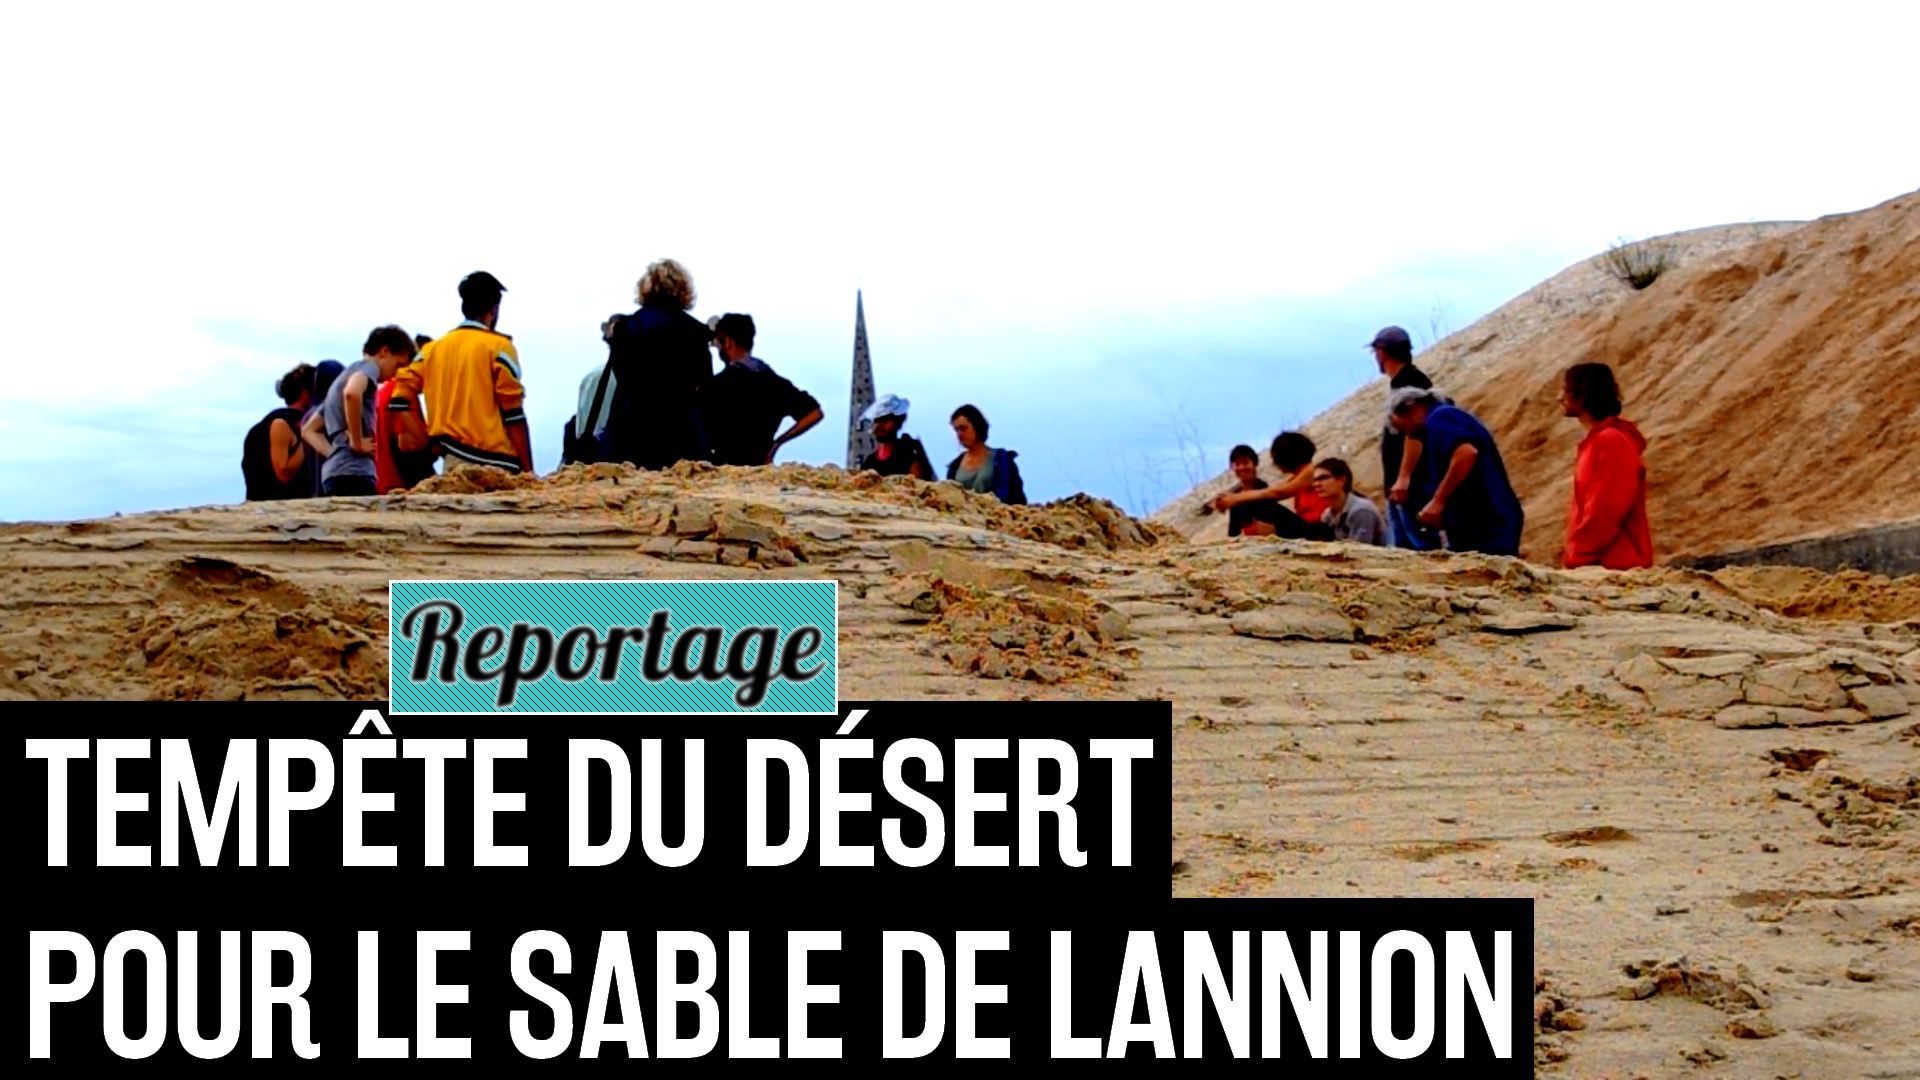 160527 - Nuit Debout Lannion reçoit le Peuple des dunes Rakesly